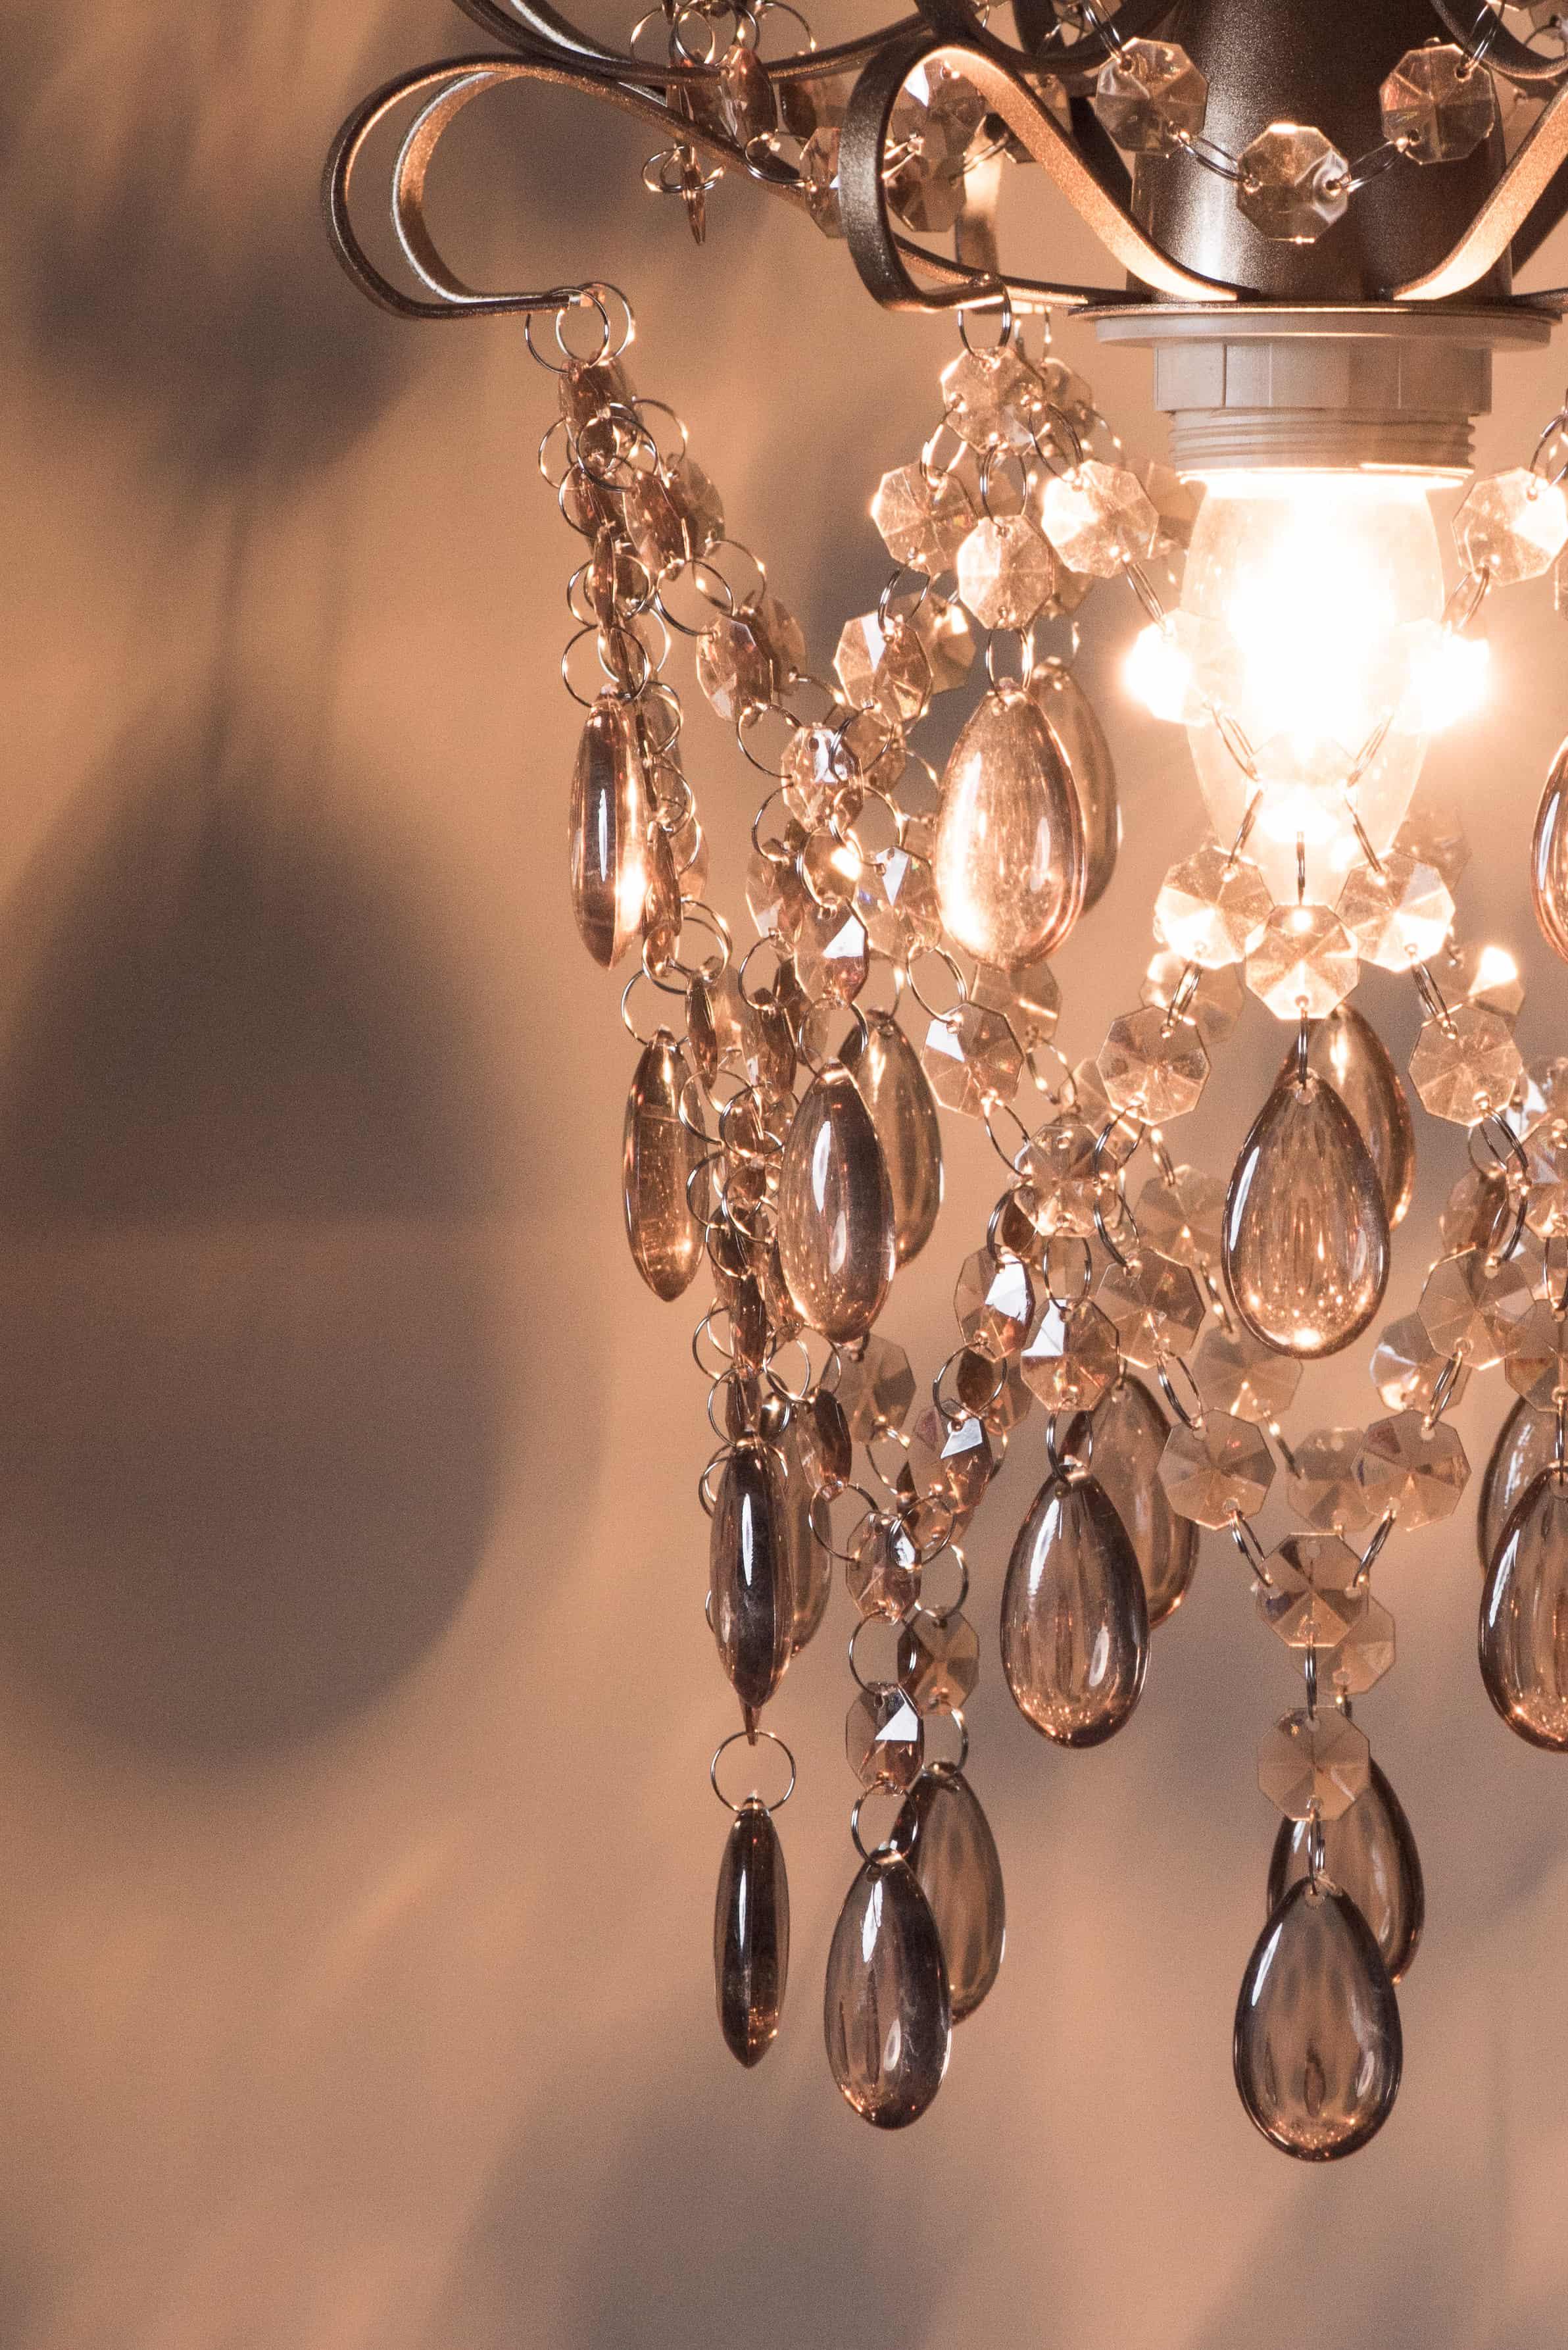 玫瑰金扁鐵框壓克力珠吊燈-BNL00049 4